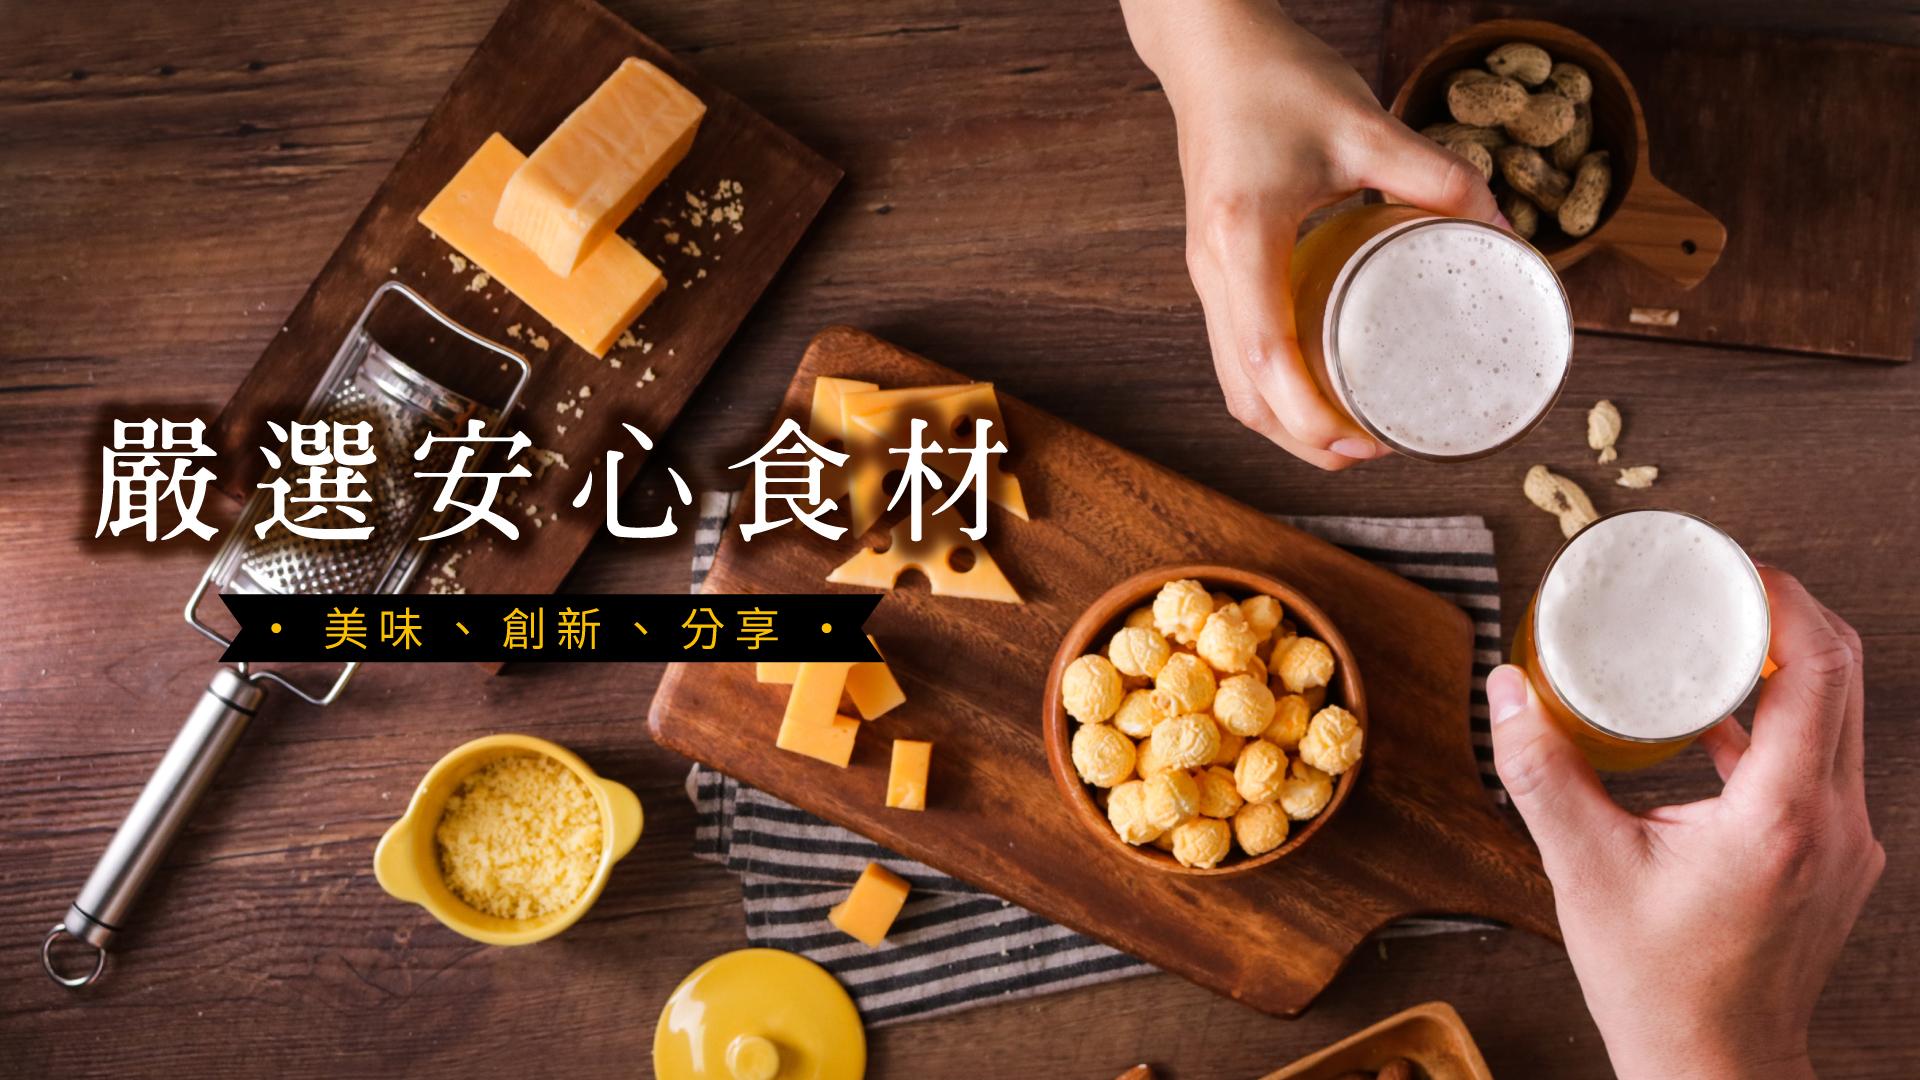 20200507_品牌營運_官網_素材調整(新版)-嚴選食材